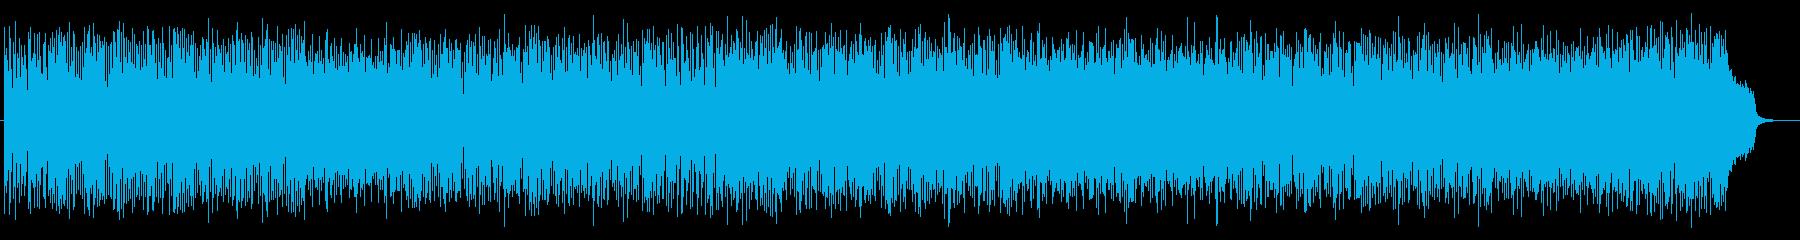 豪華な雰囲気のシンセポップスの再生済みの波形